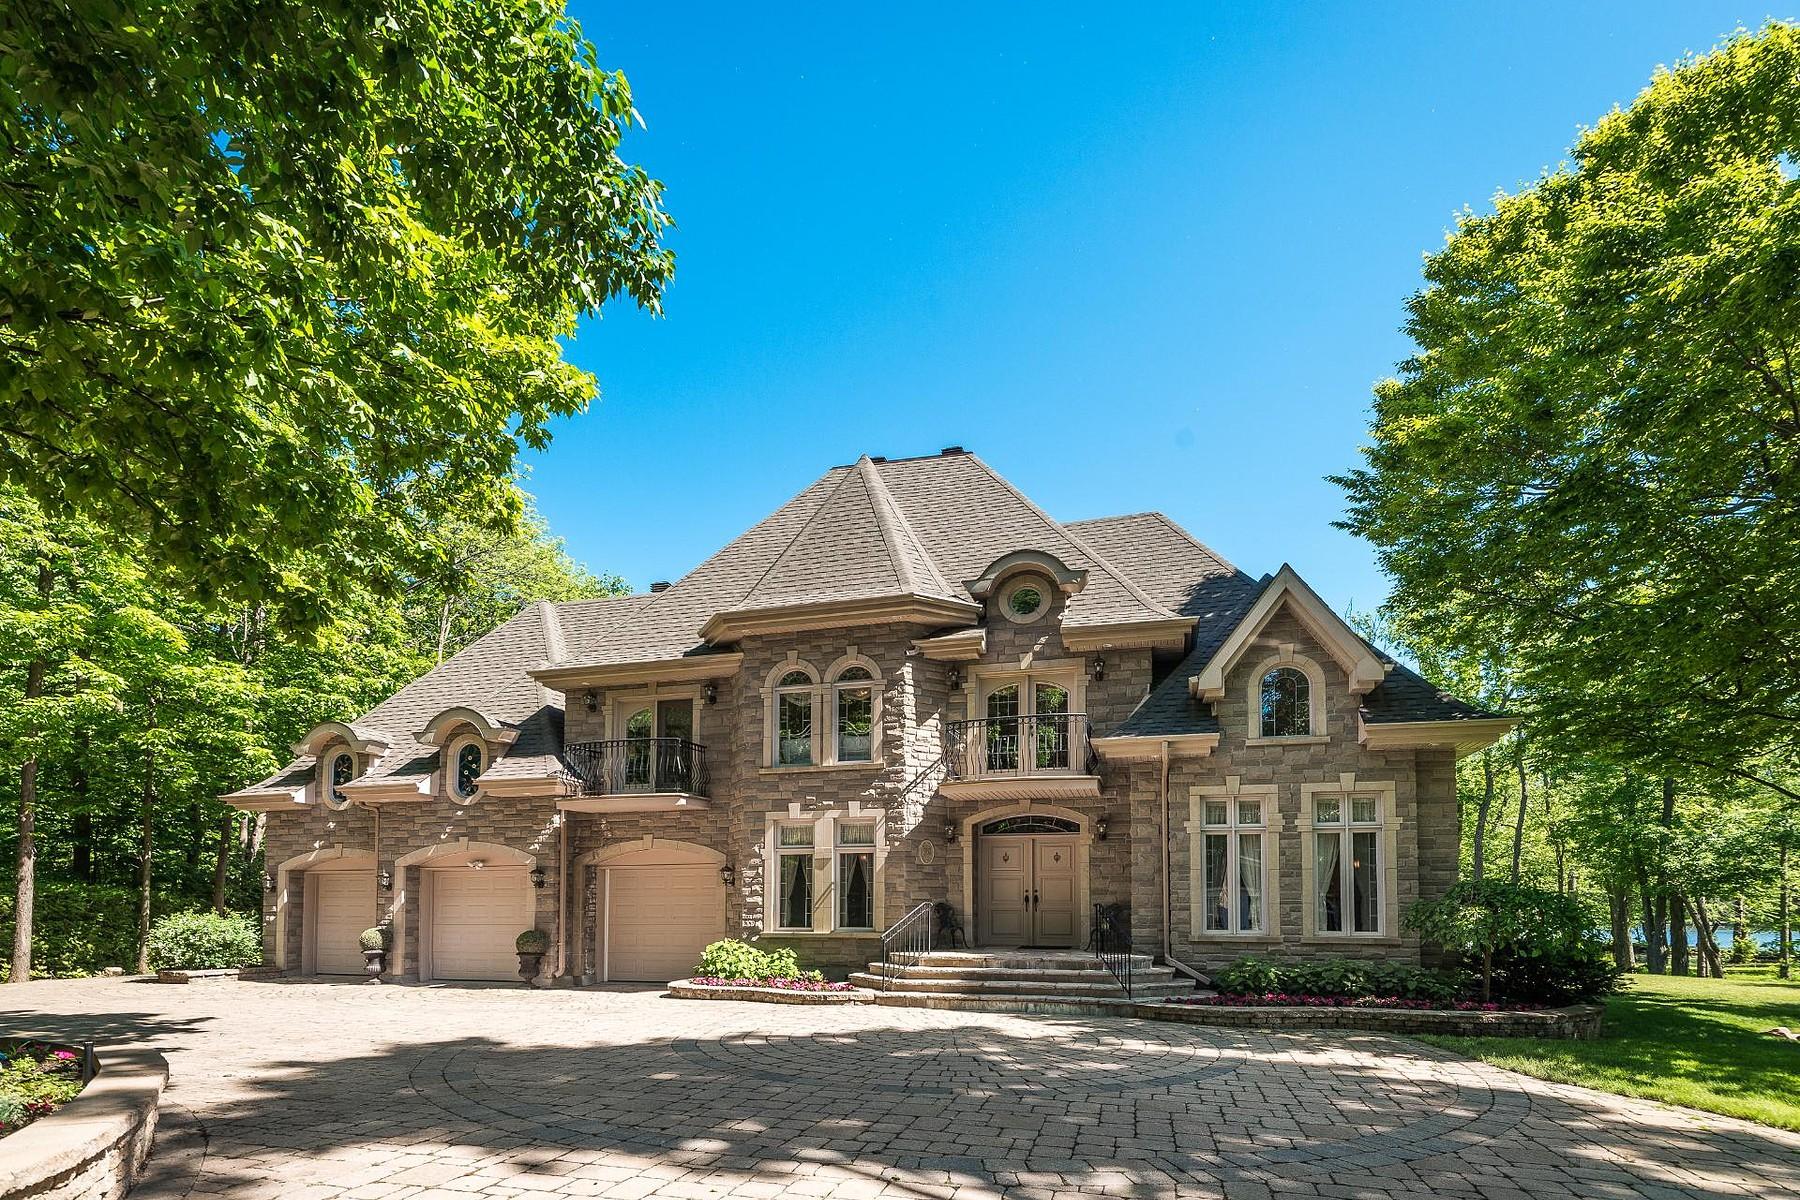 Single Family Homes for Sale at L'Île-Cadieux, Montérégie 52 Chemin de L'Ile L'Ile-Cadieux, Quebec J7V8P3 Canada